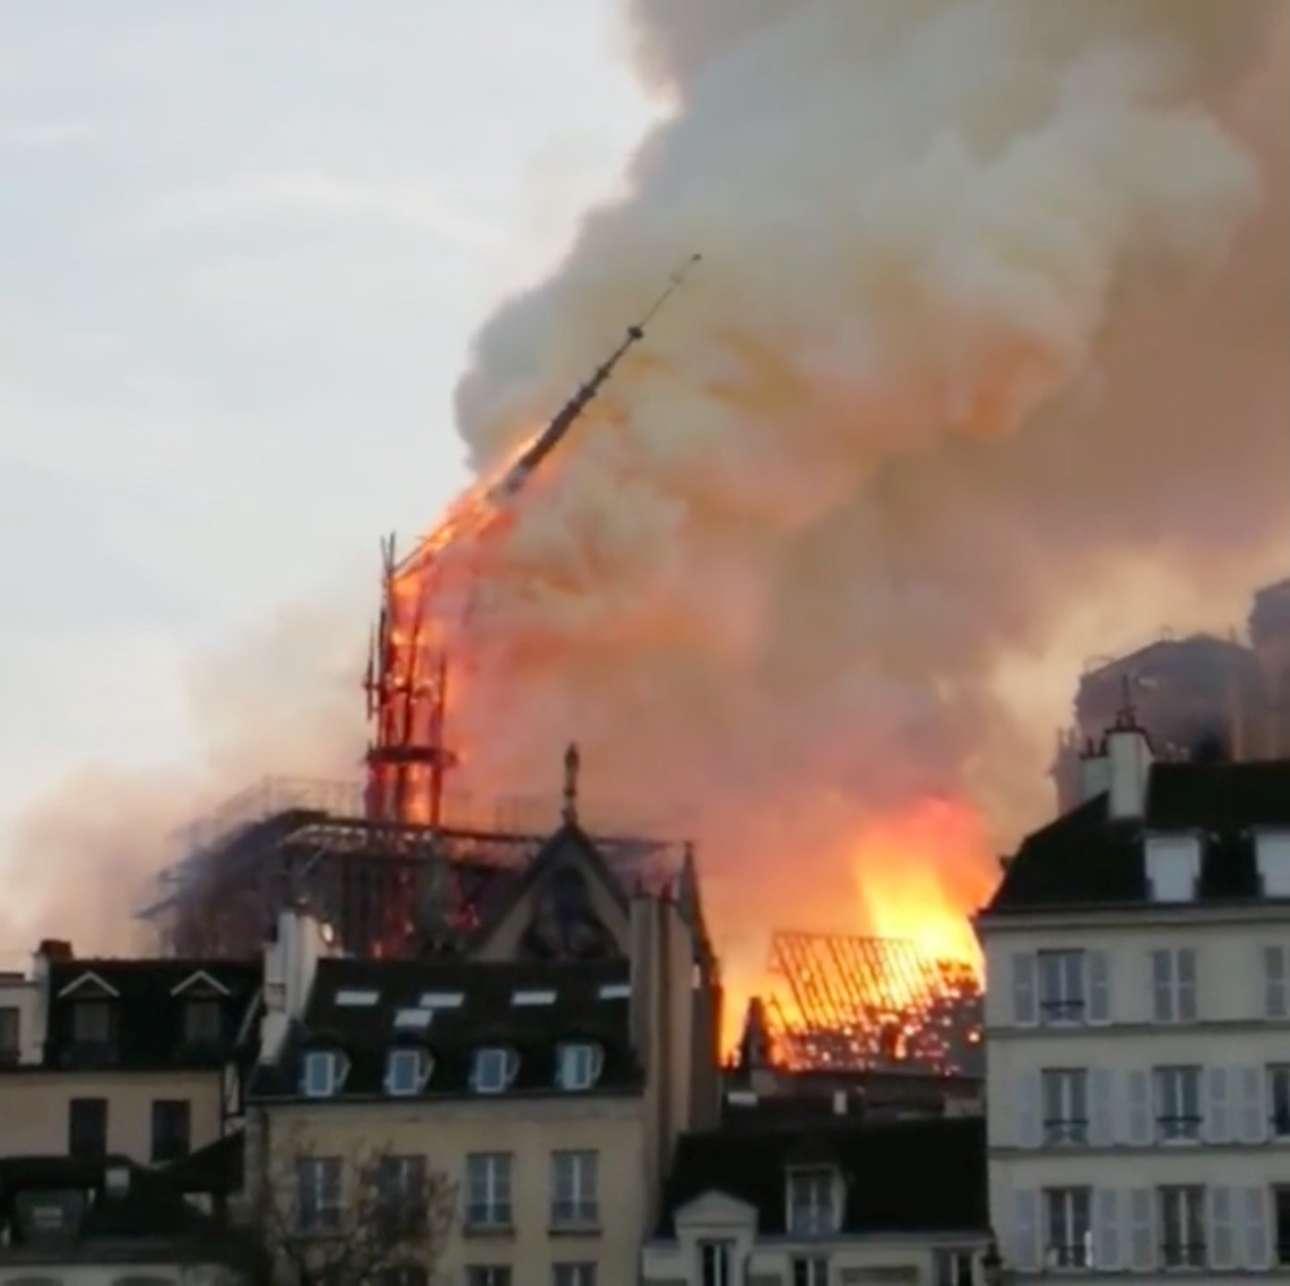 Η στιγμή που καταρρέει το βέλος, ενώ δεξιά φλέγεται η οροφή της Νοτρ Νταμ